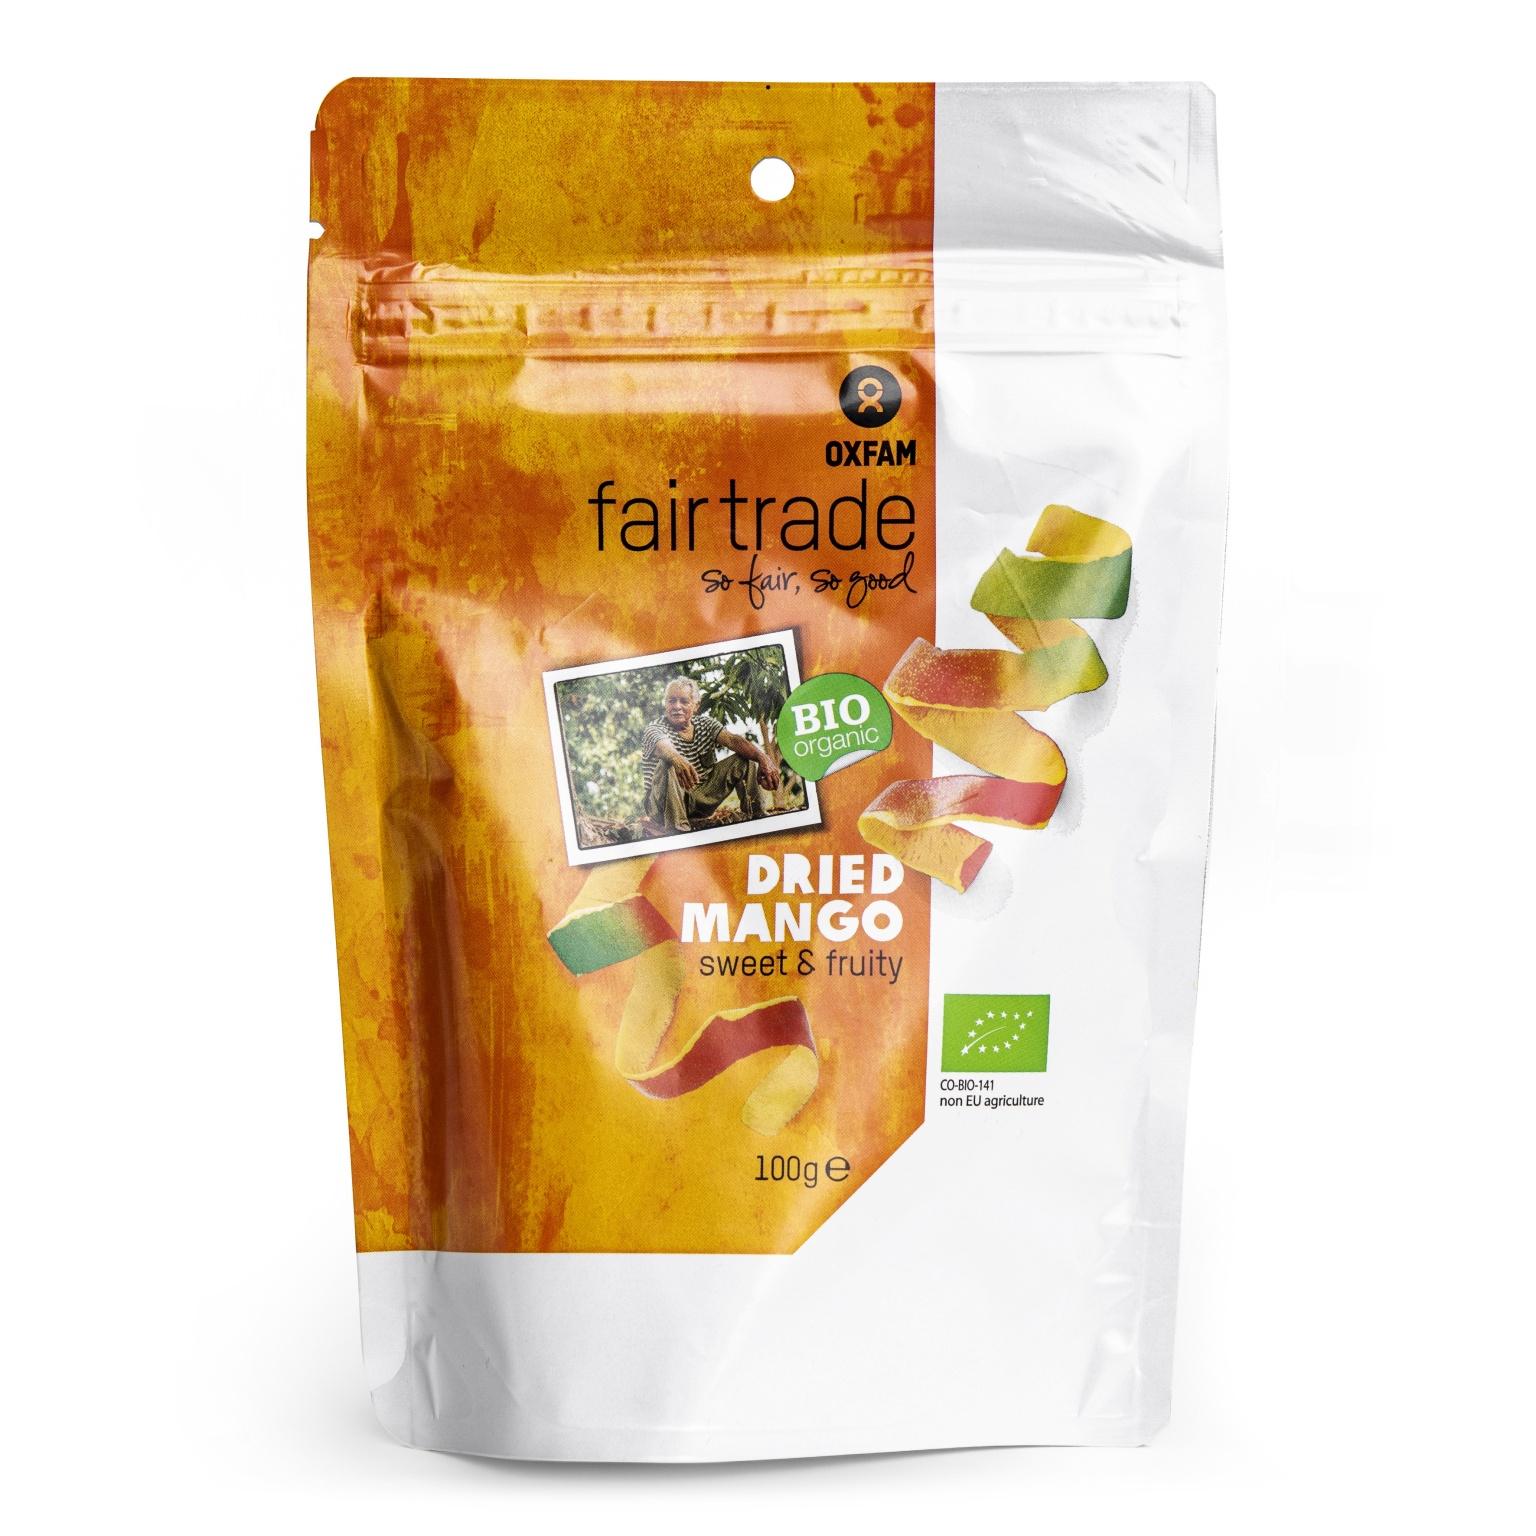 Oxfam Fair Trade 25629